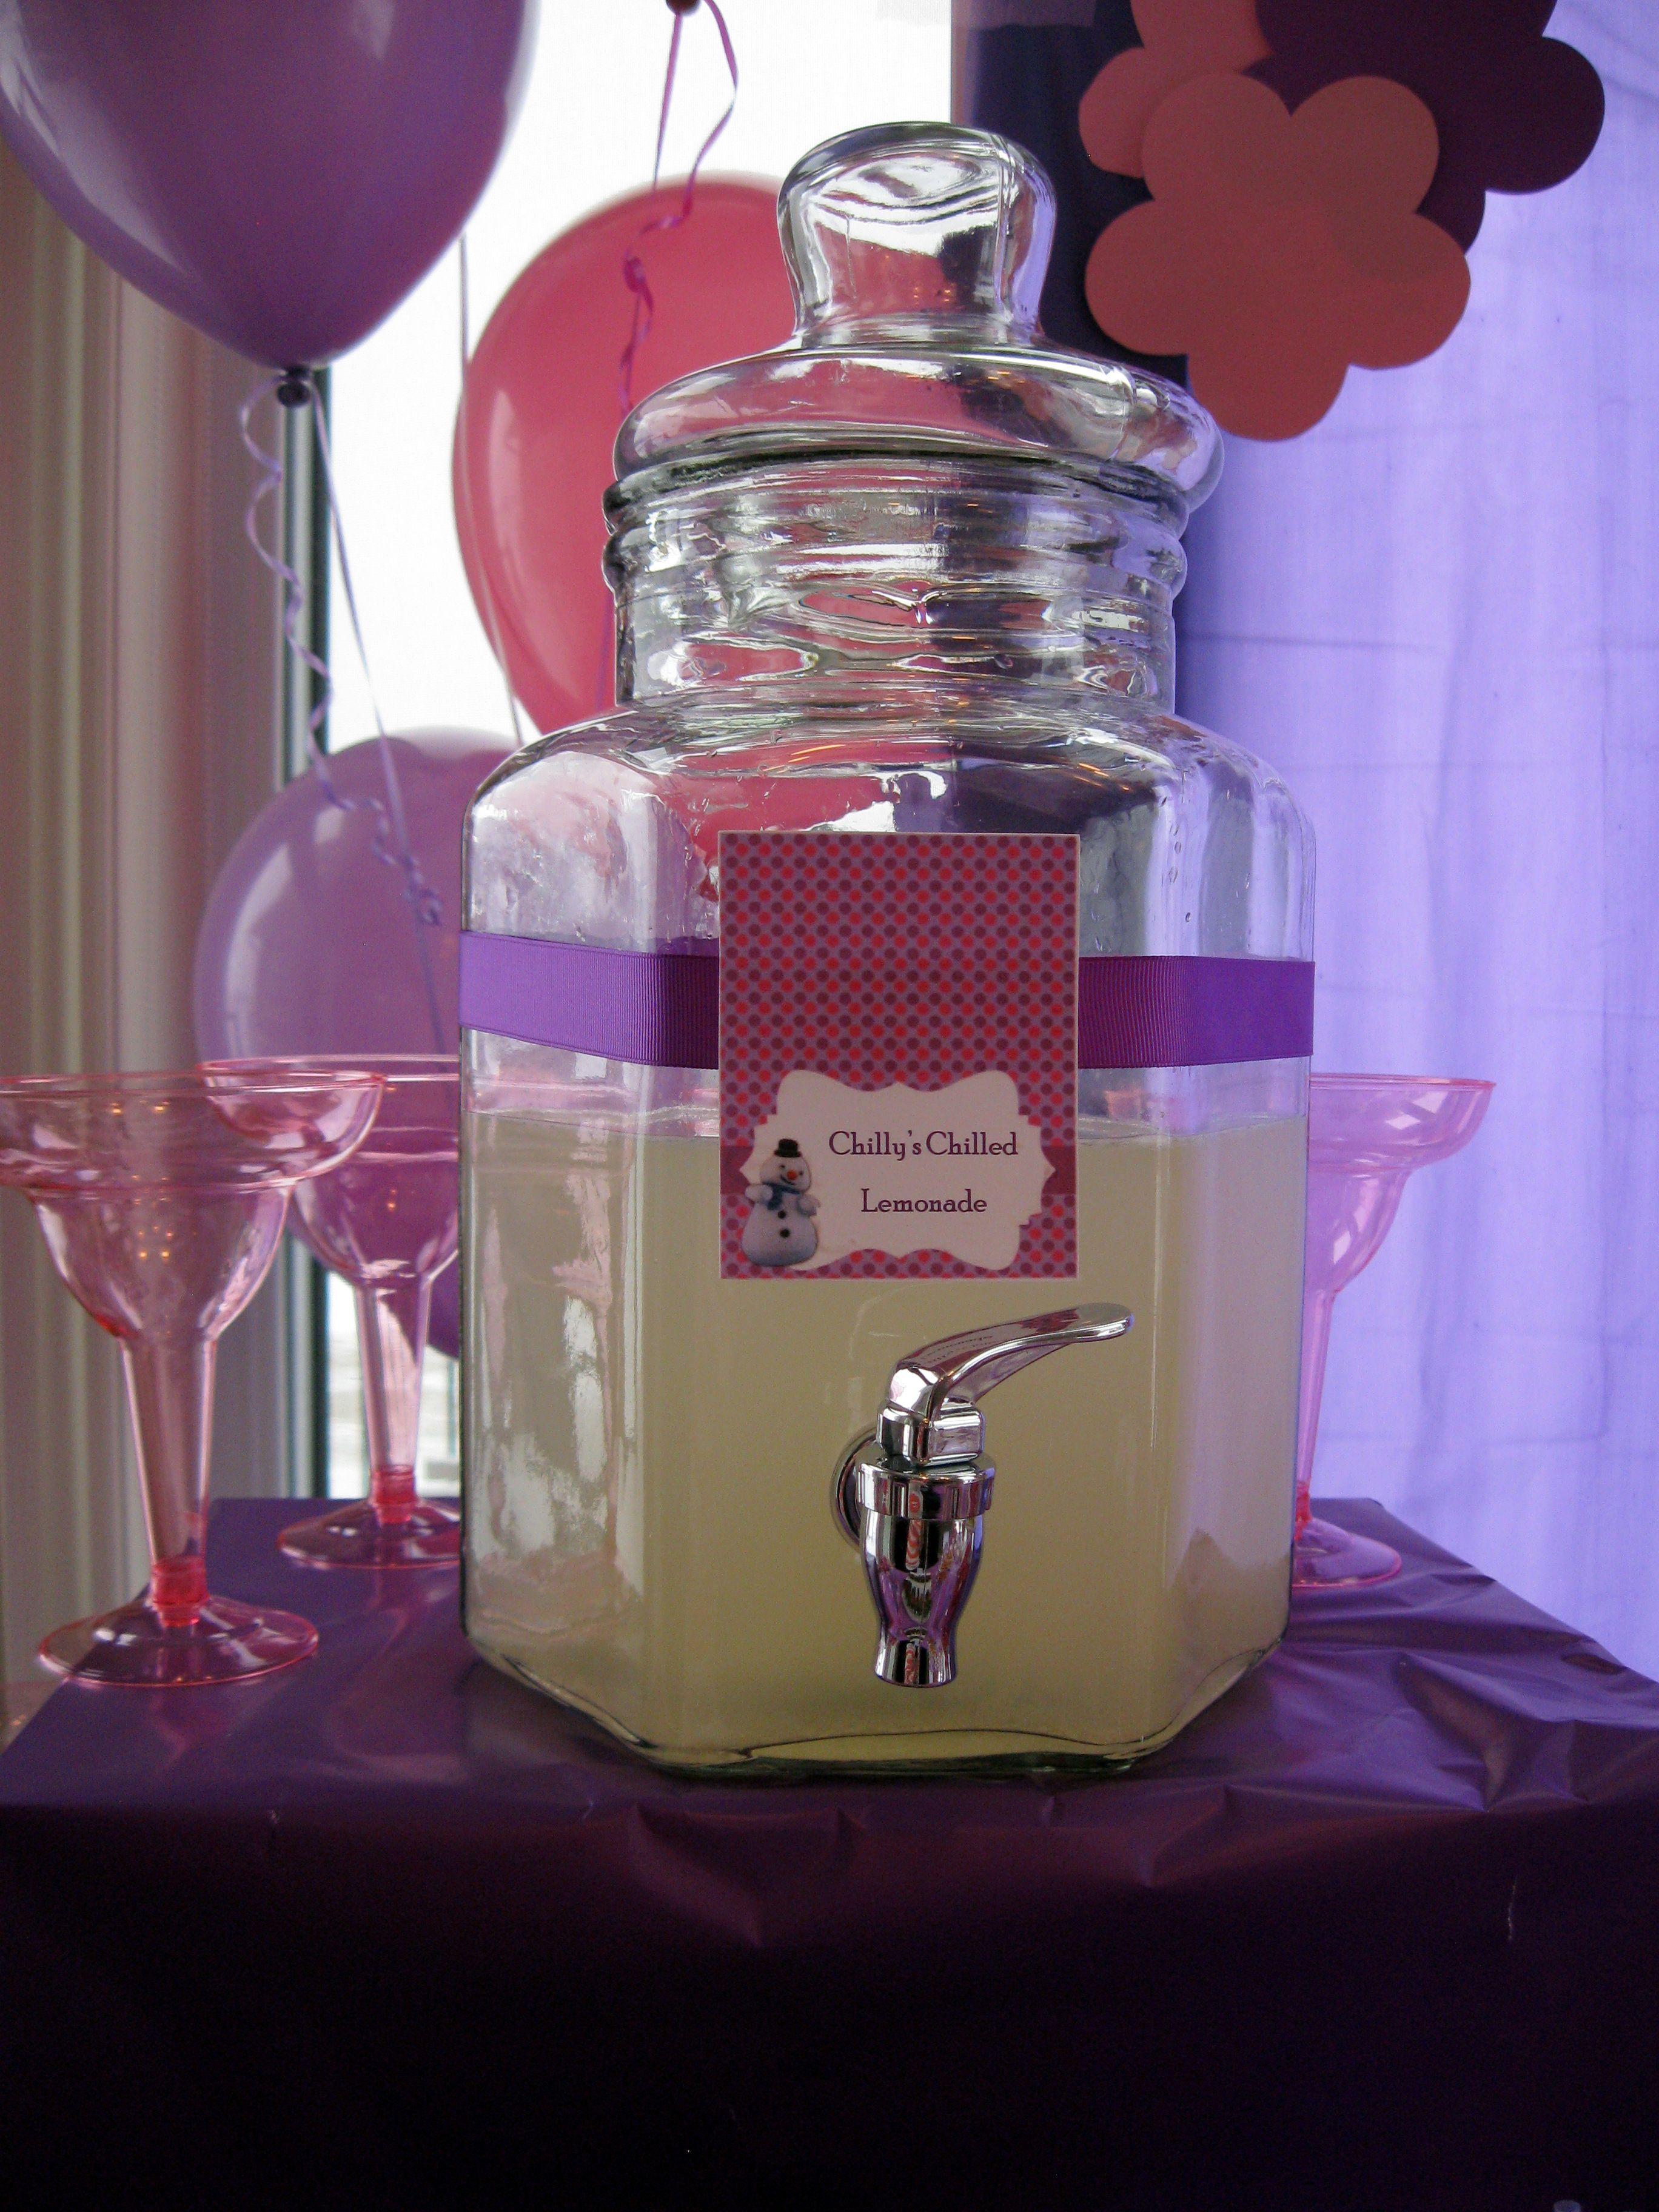 Doc mcstuffins bandages doc mcstuffins party ideas on pinterest doc - Doc Mcstuffins Birthday Party Table Decor Chilly S Chilled Lemonade